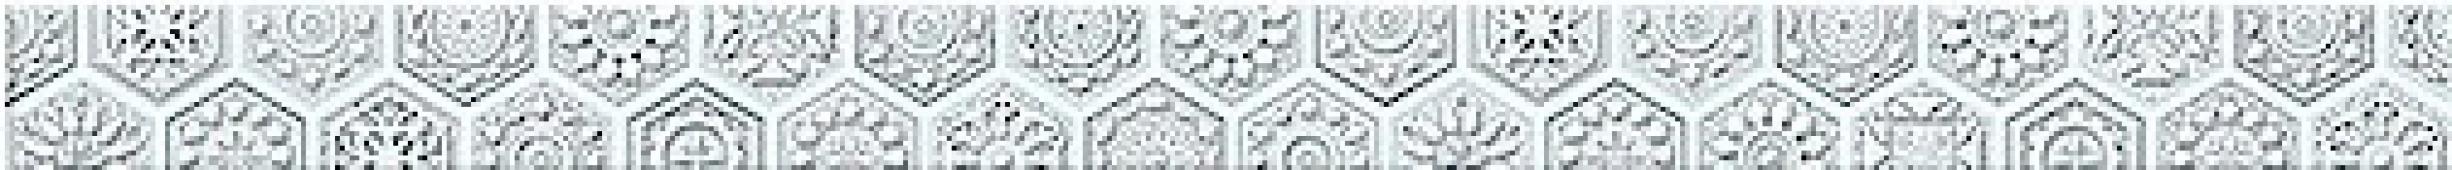 Плитка AZORI Riviera 505x35 Favo Border